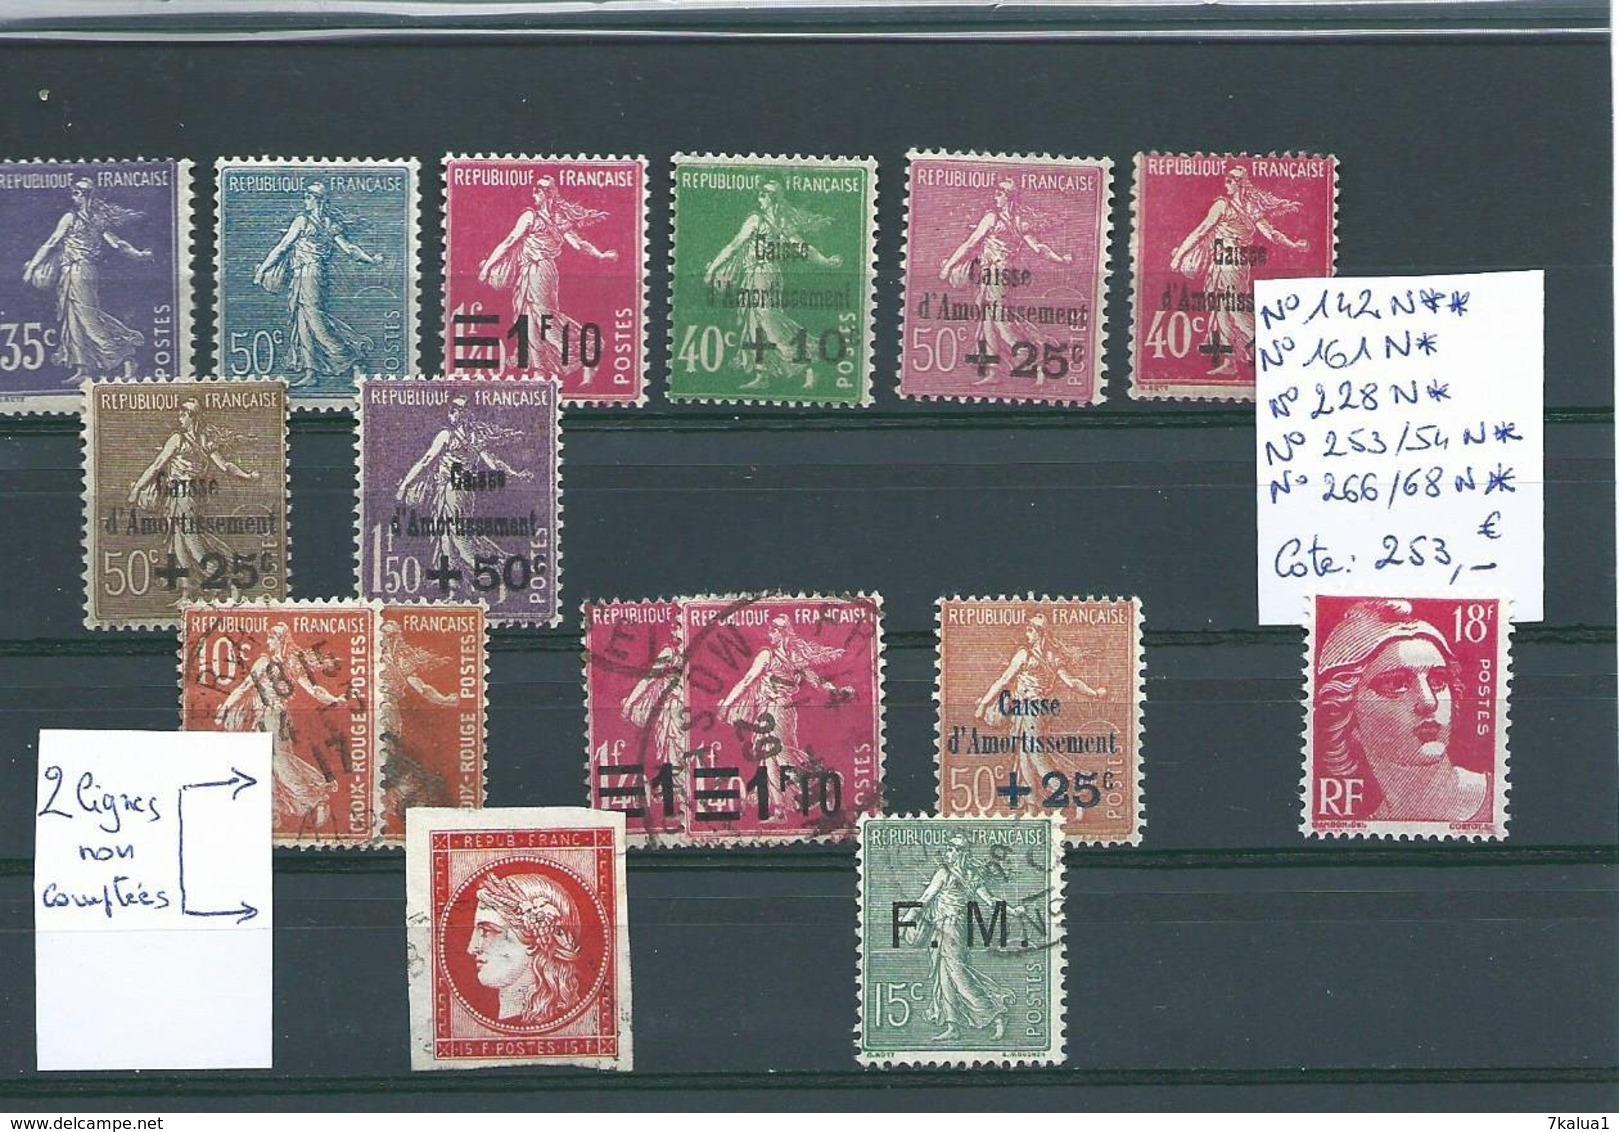 FRANCE, Petit Lot De Caisse D'Armotissement Et Divers, Tous états, Cote : 253 €. ( + Divers Non Comptés) - Stamps